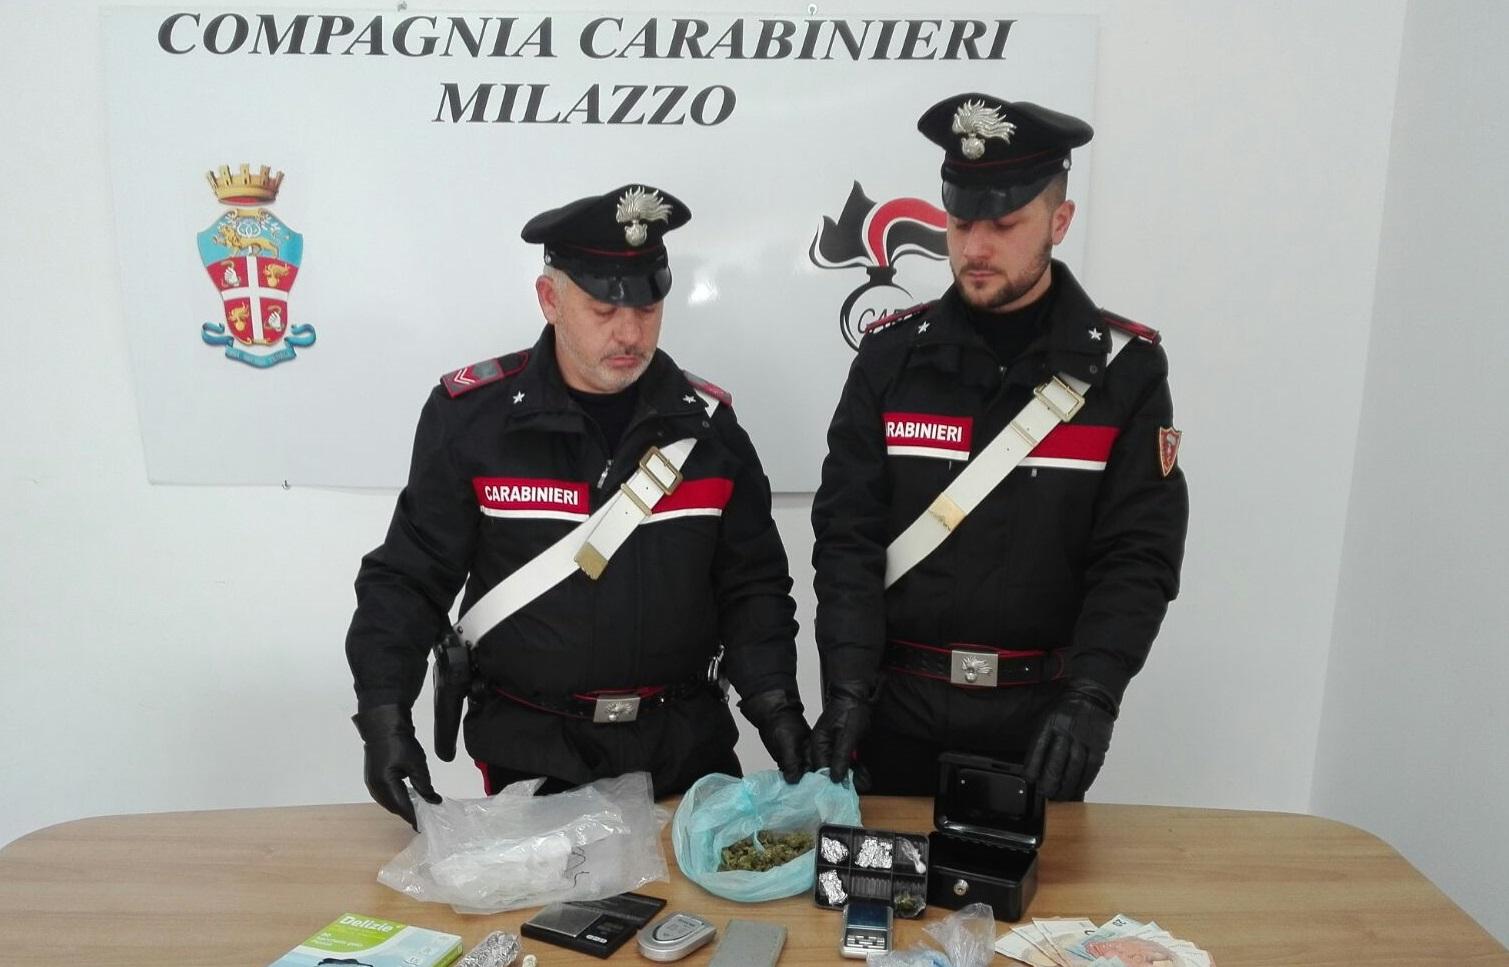 Spaccio di stupefacenti, due arresti ed una denuncia dei carabinieri di Milazzo